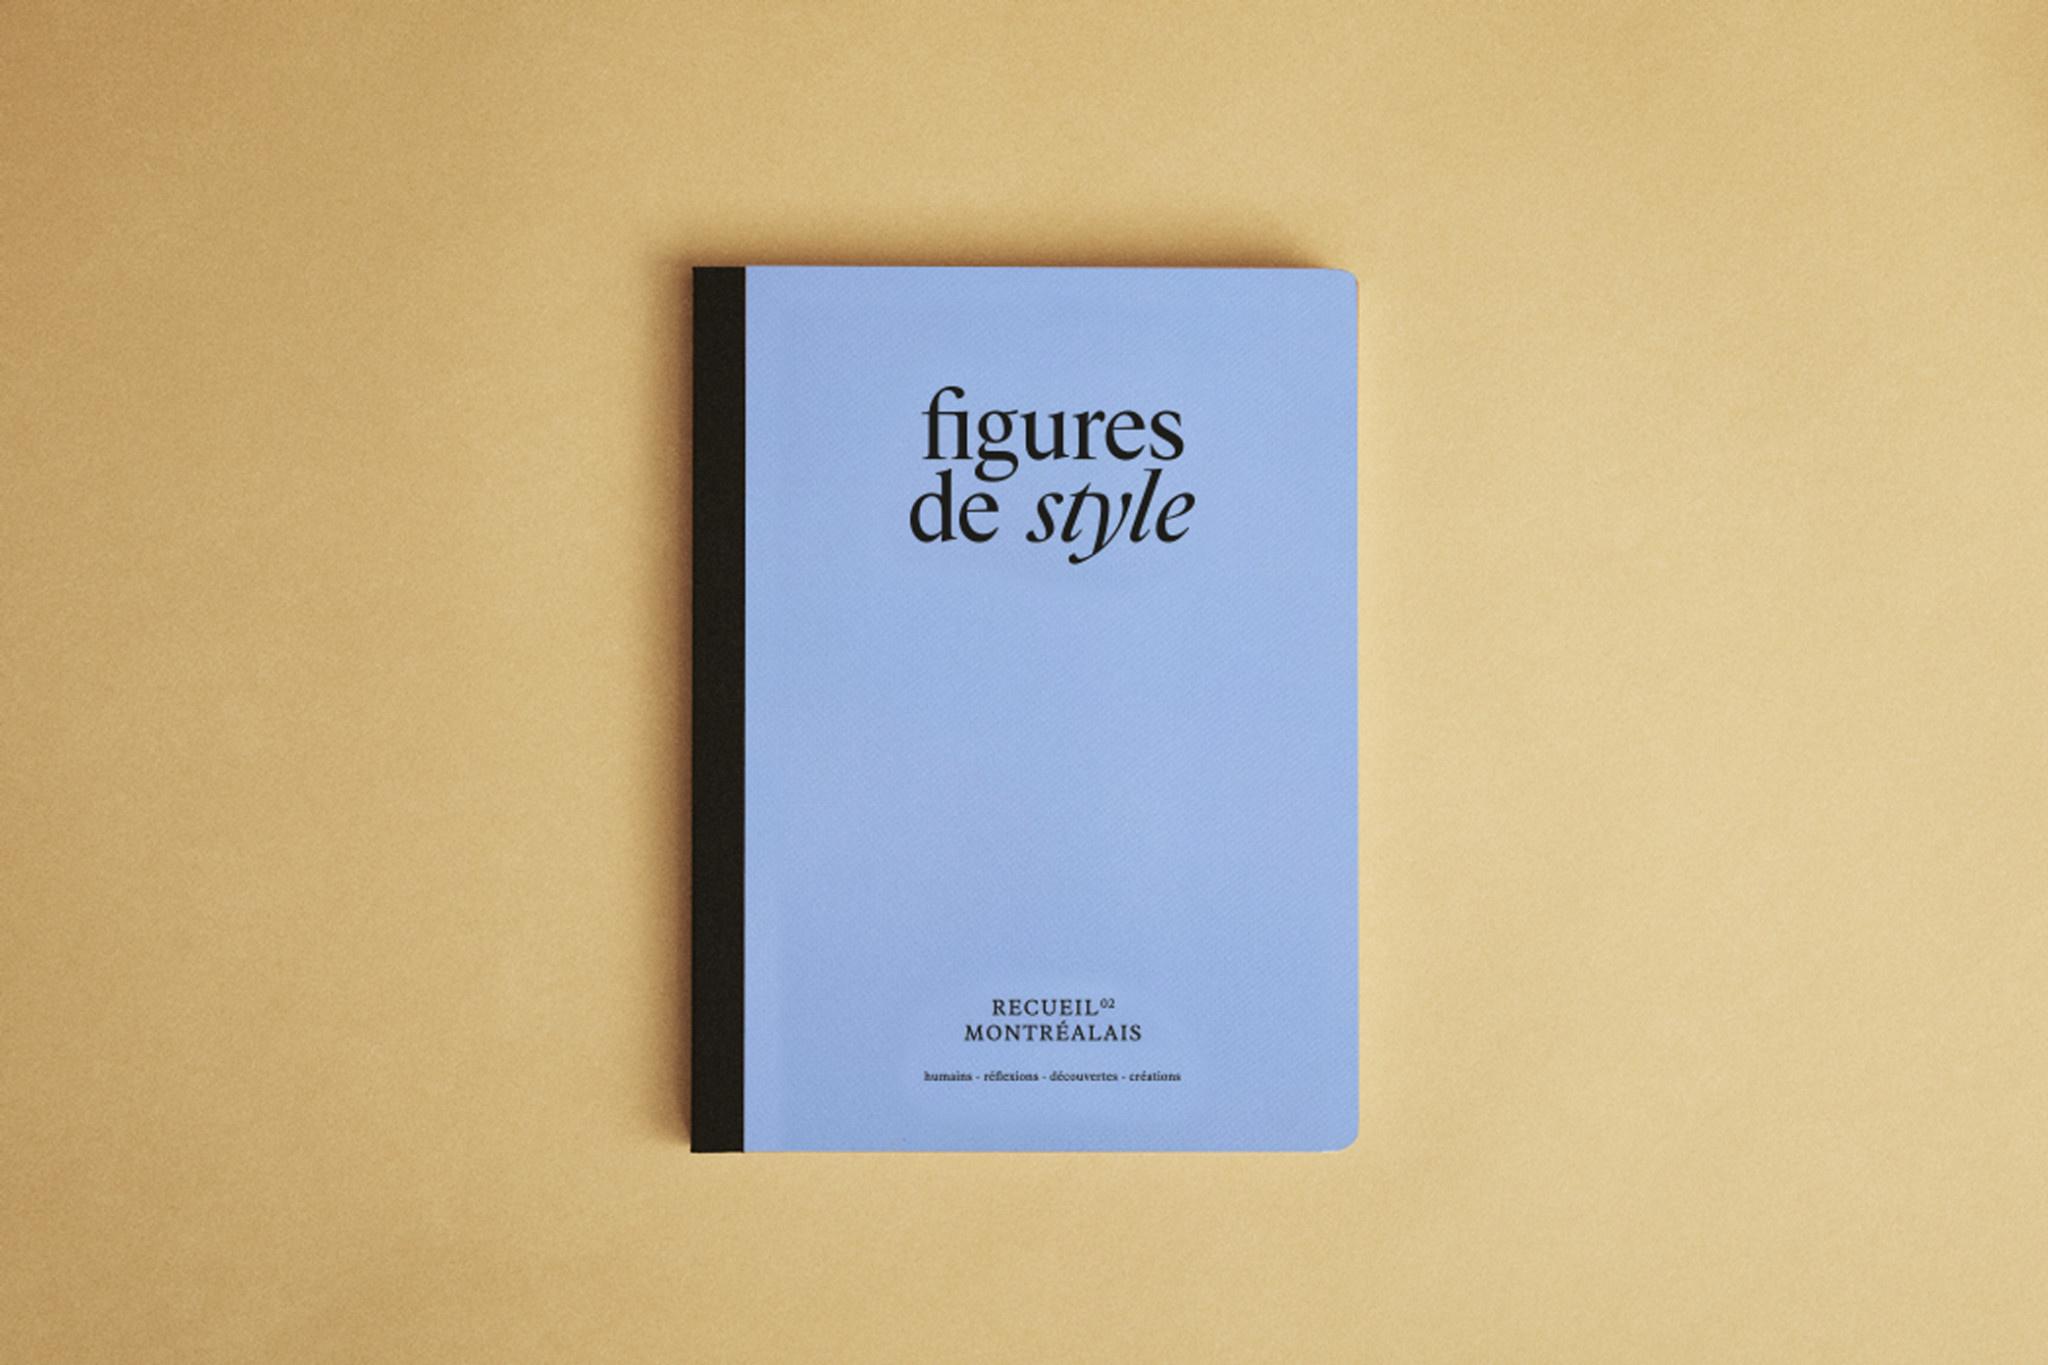 Figures de style Figures de style - Second Edition